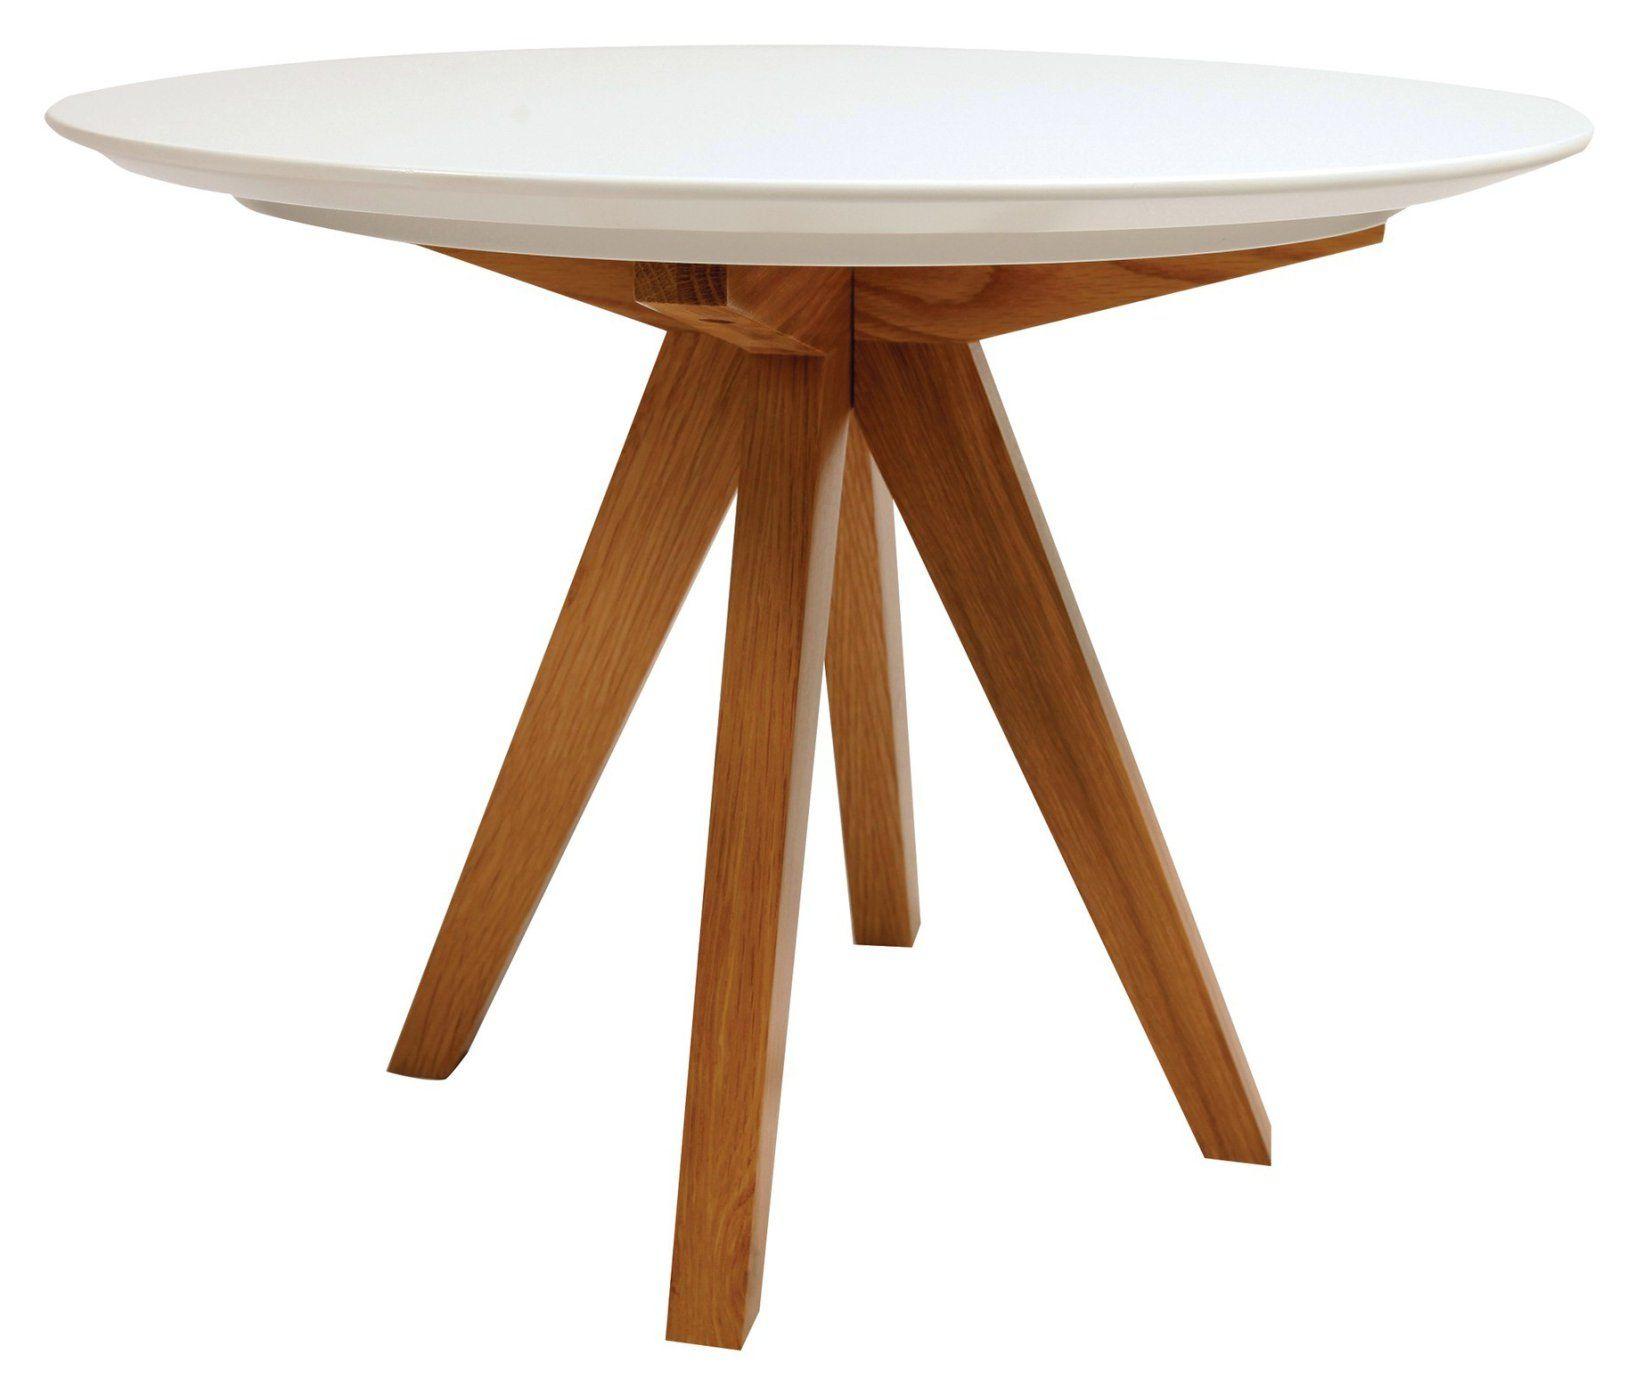 Genial Holztisch Rund Runder Holztisch Esstisch Rund Ausziehbar